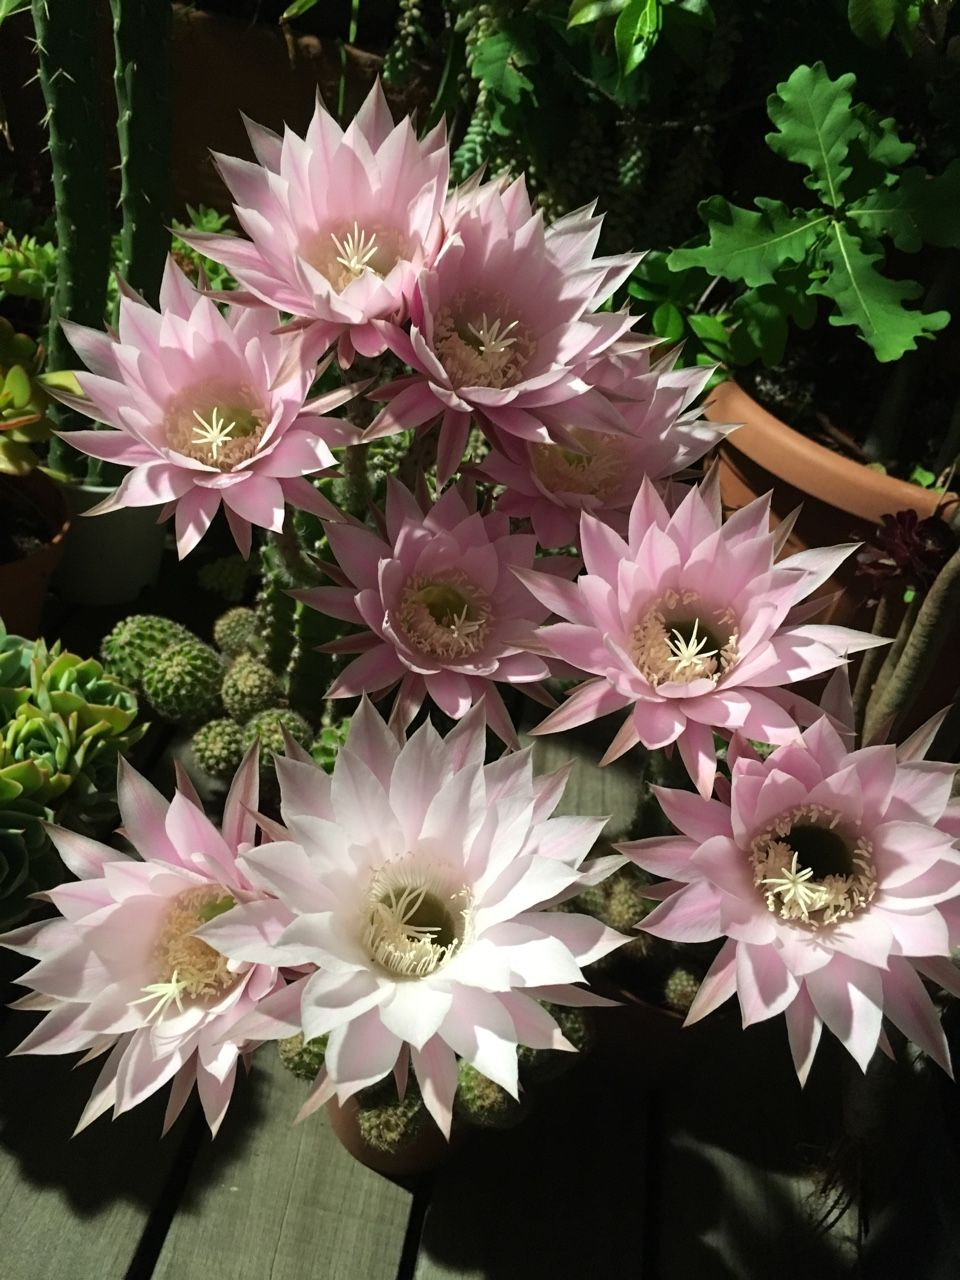 """greenlook-garden: """" No less than 9 flowers in 3 plants. Night vision. Echinopsis oxygona Nada menos que 9 flores en 3 plantas. Visión nocturna. Echinopsis oxygona """" My 2016 favorites: June Mis favoritos de 2016: junio"""